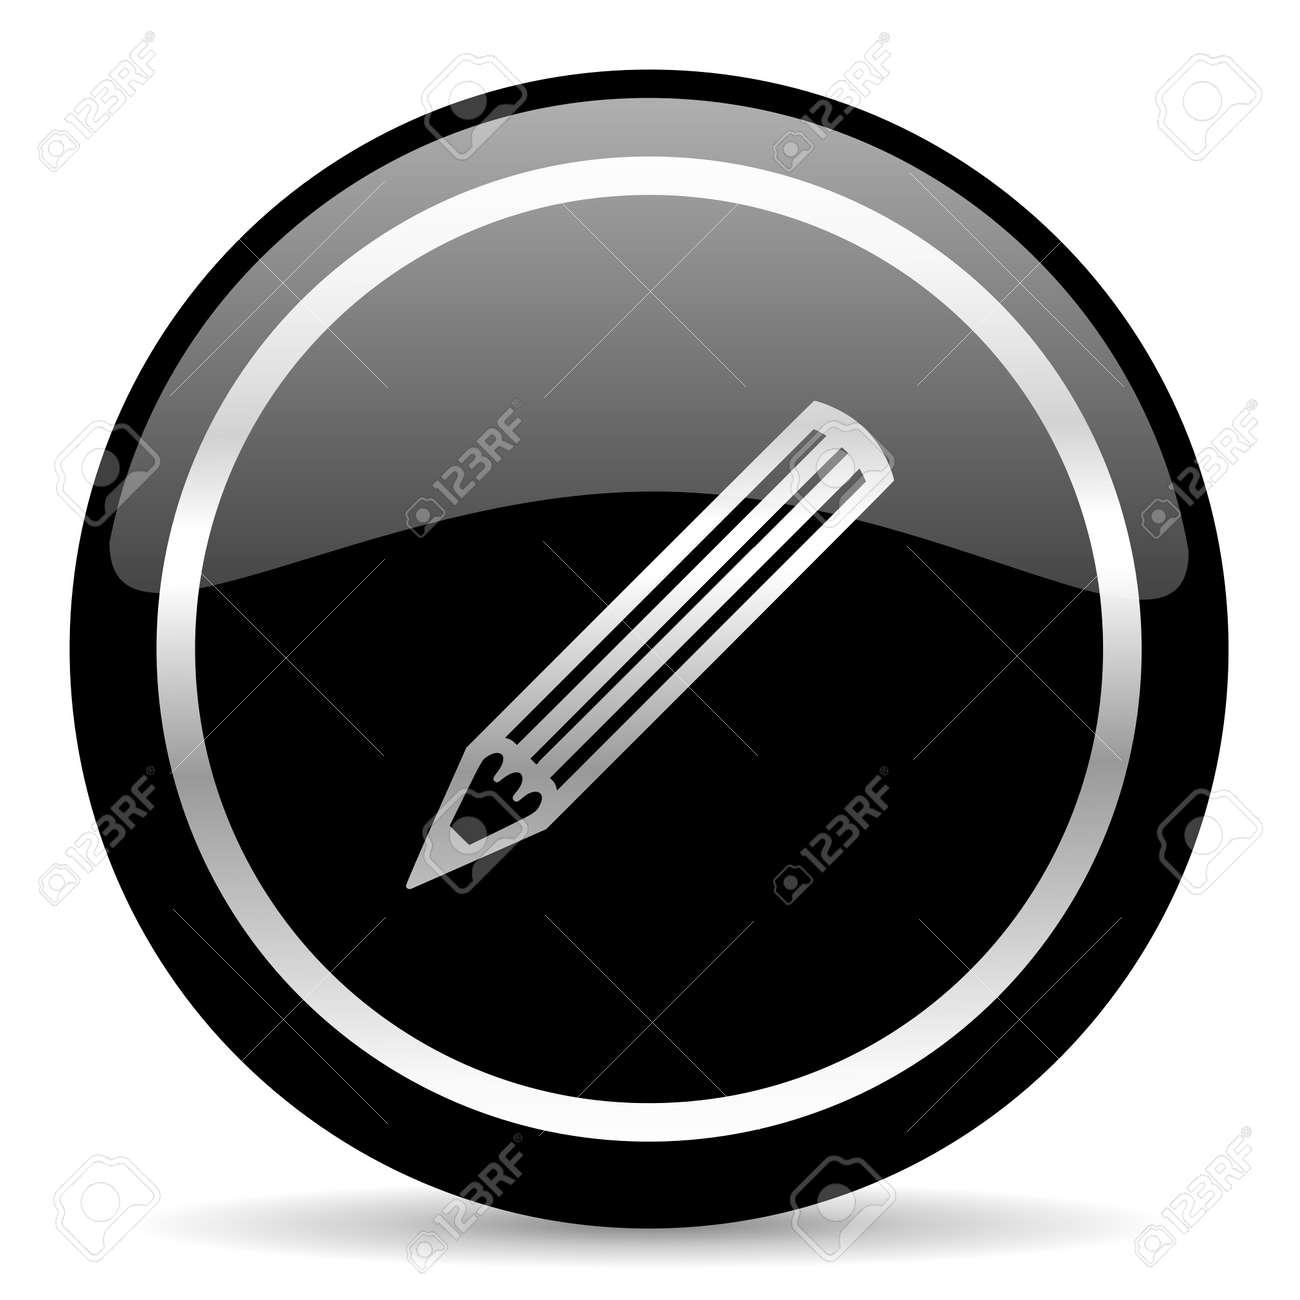 black web button on white background Stock Photo - 25886230